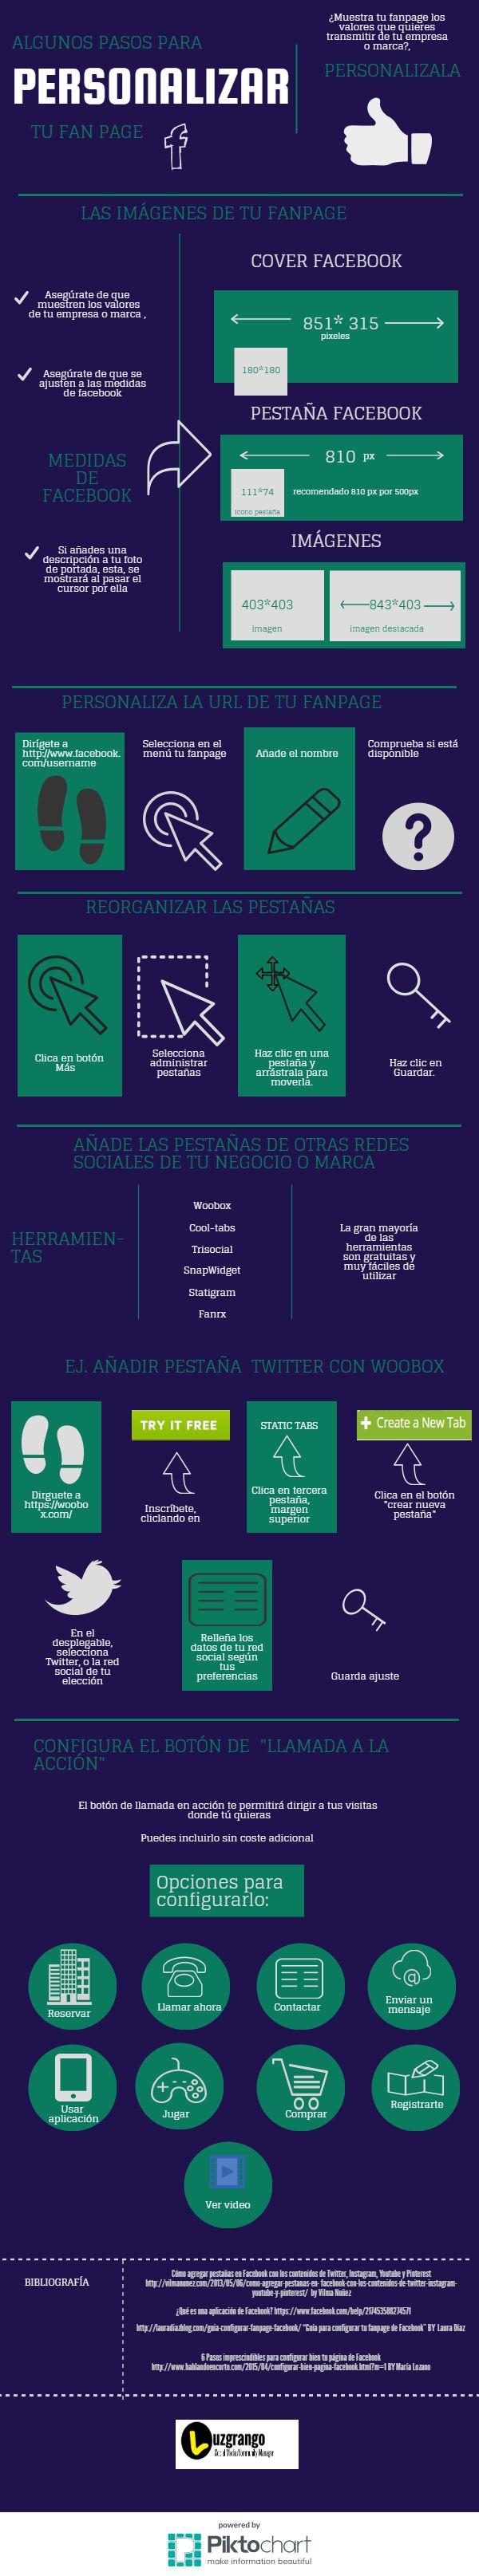 Cómo personalizar tu fan page de Facebook #infografia #infographic #socialmedia